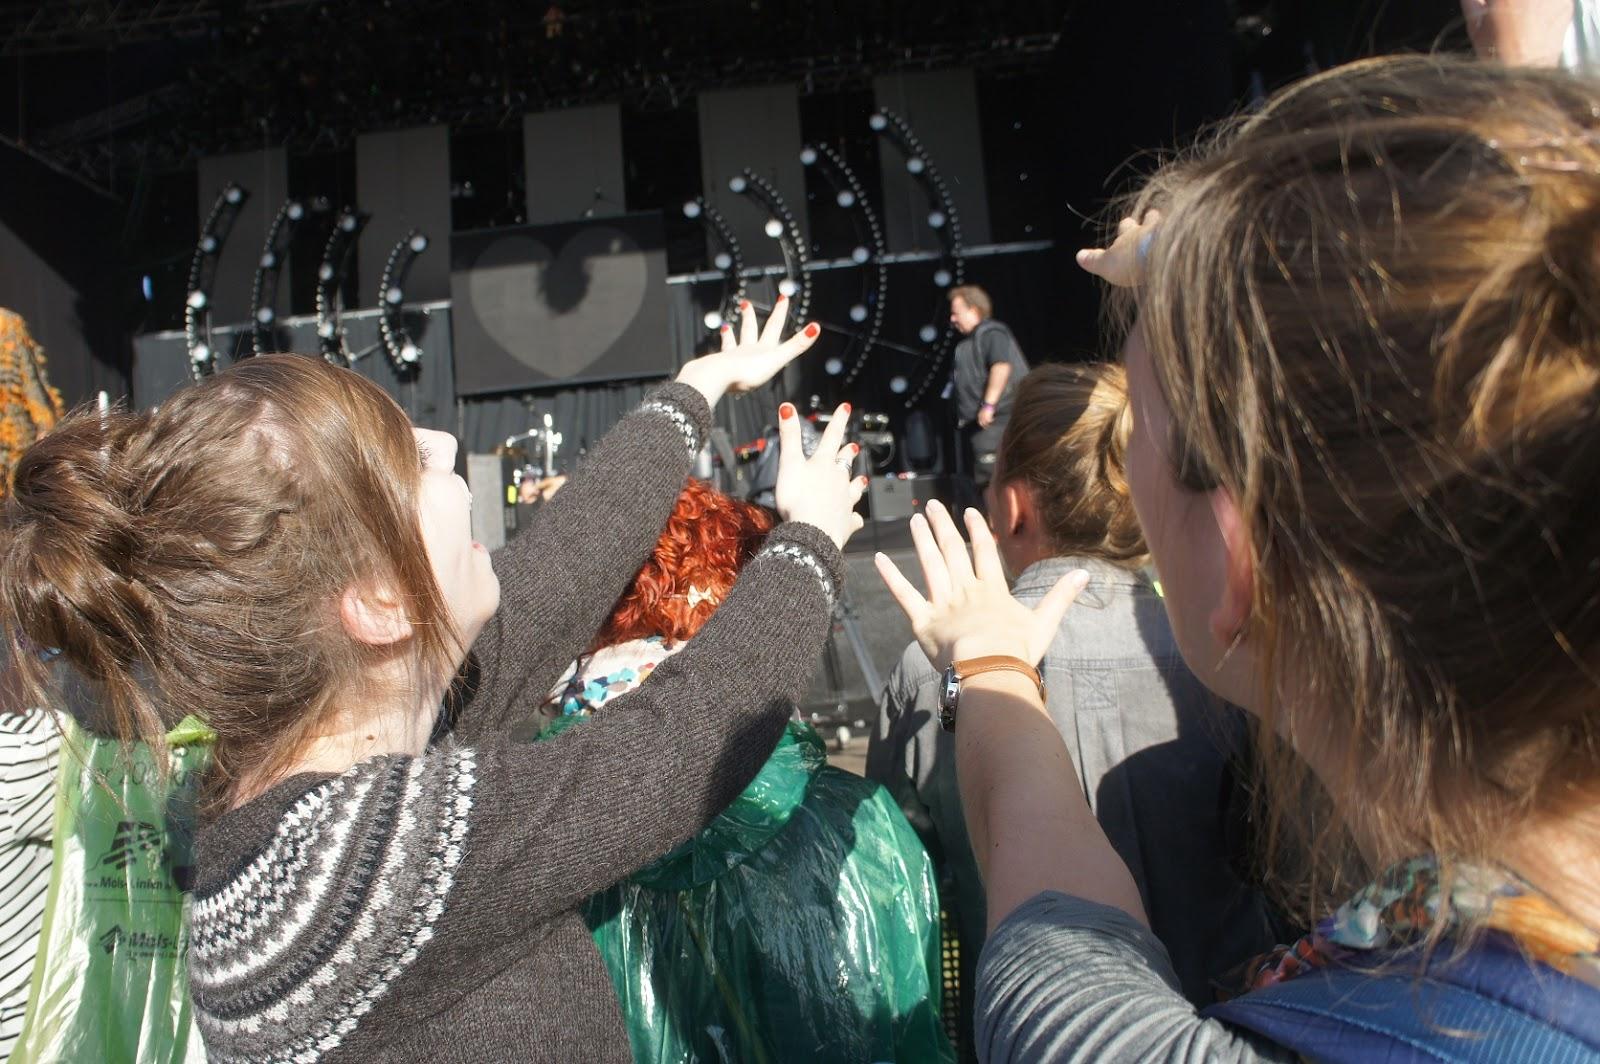 koncert i mølleparken sønderborg